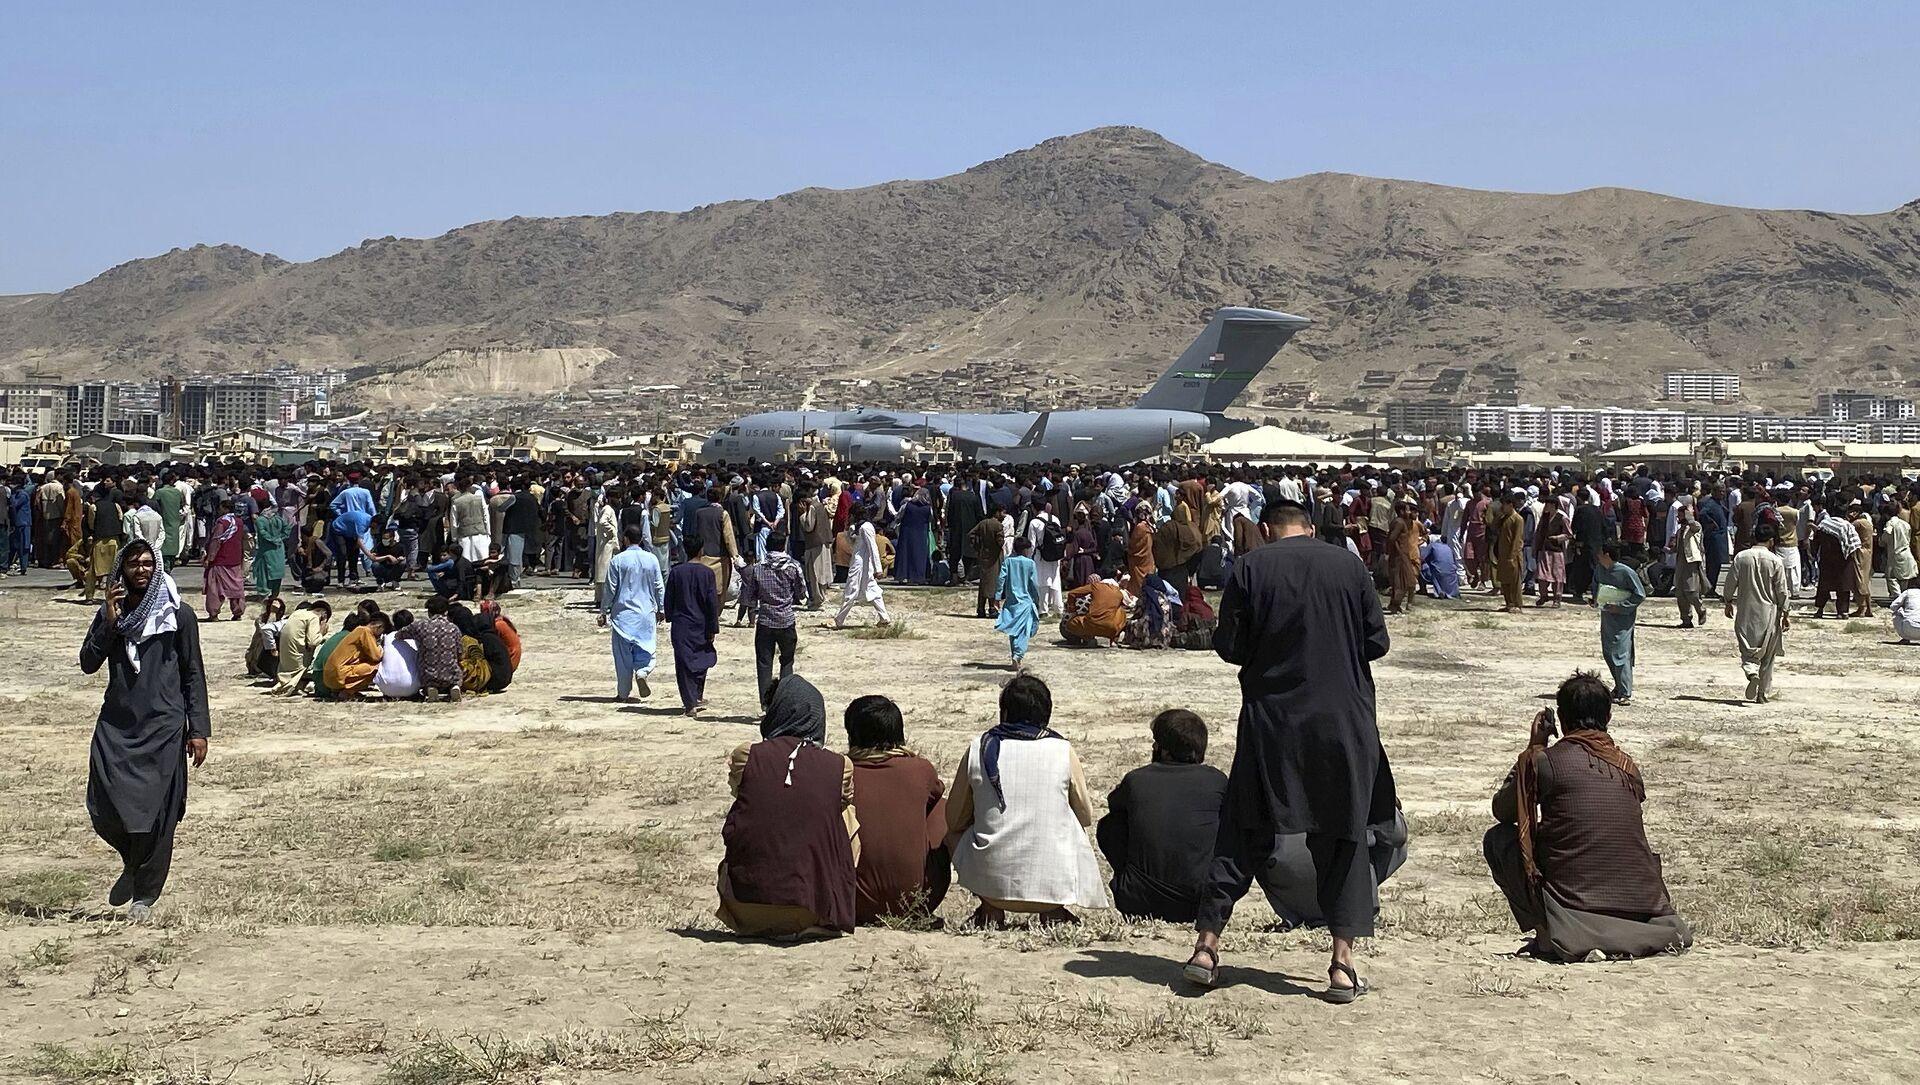 L'aéroport de Kaboul, le 16 août 2021 - Sputnik France, 1920, 17.08.2021